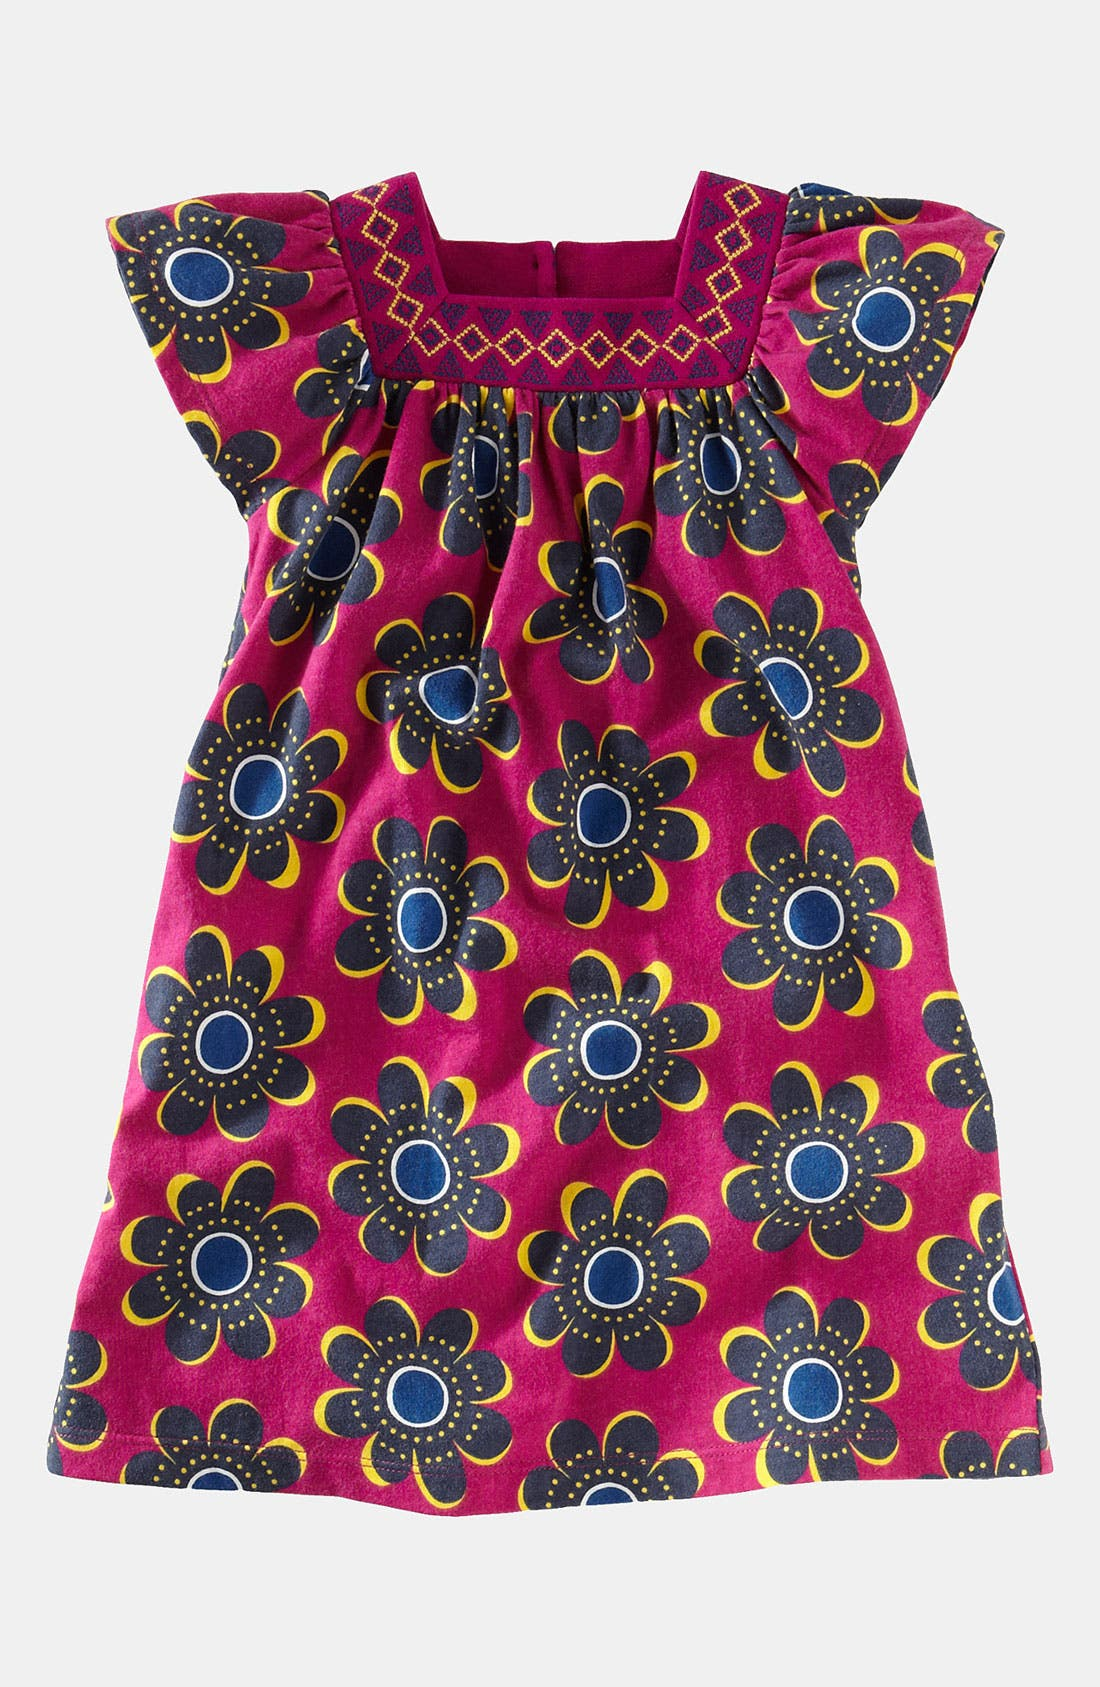 Main Image - Tea Collection 'Rosebank' Dress (Toddler)